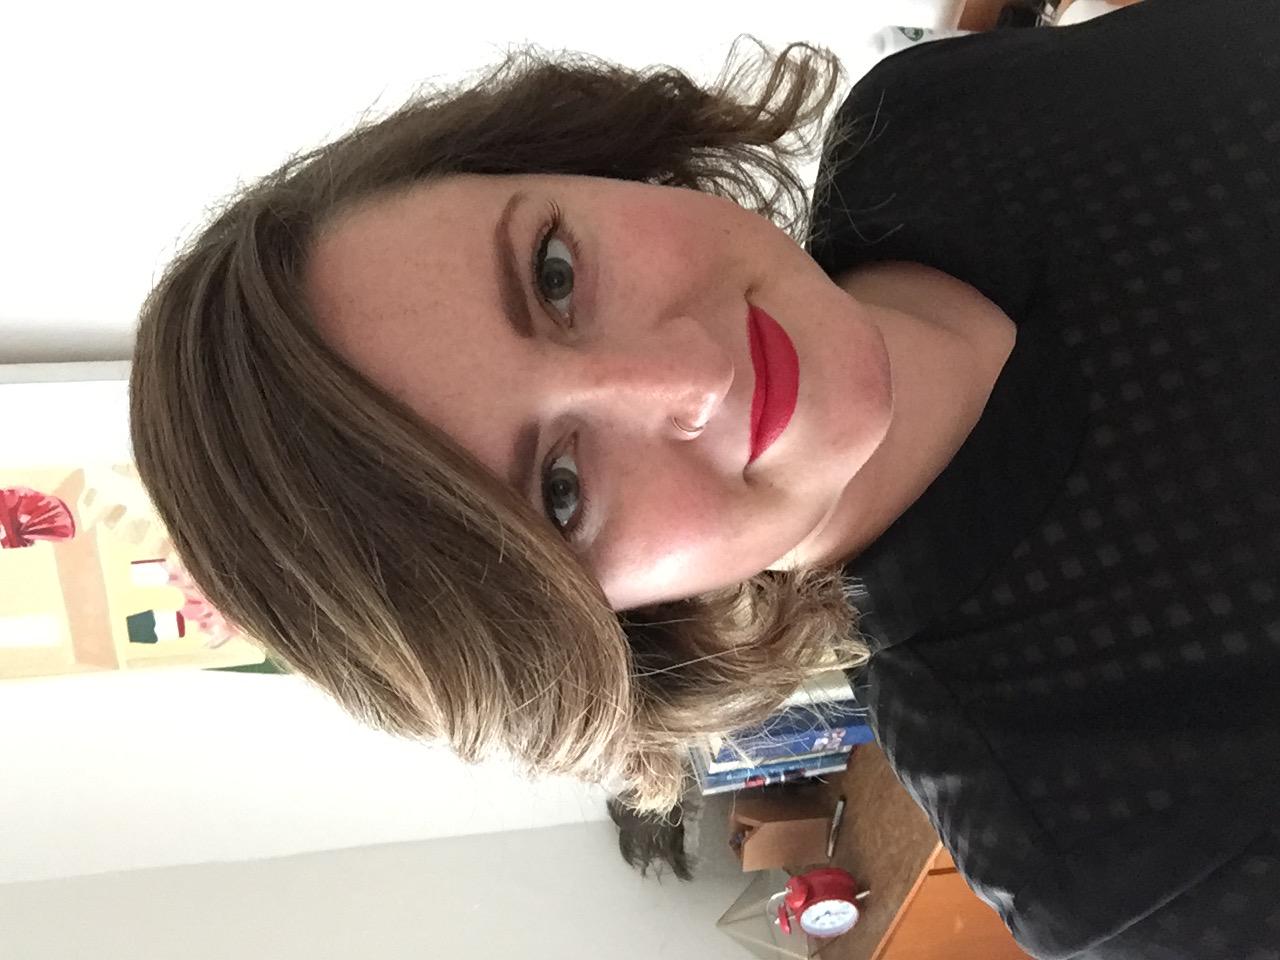 Rosa's profile picture